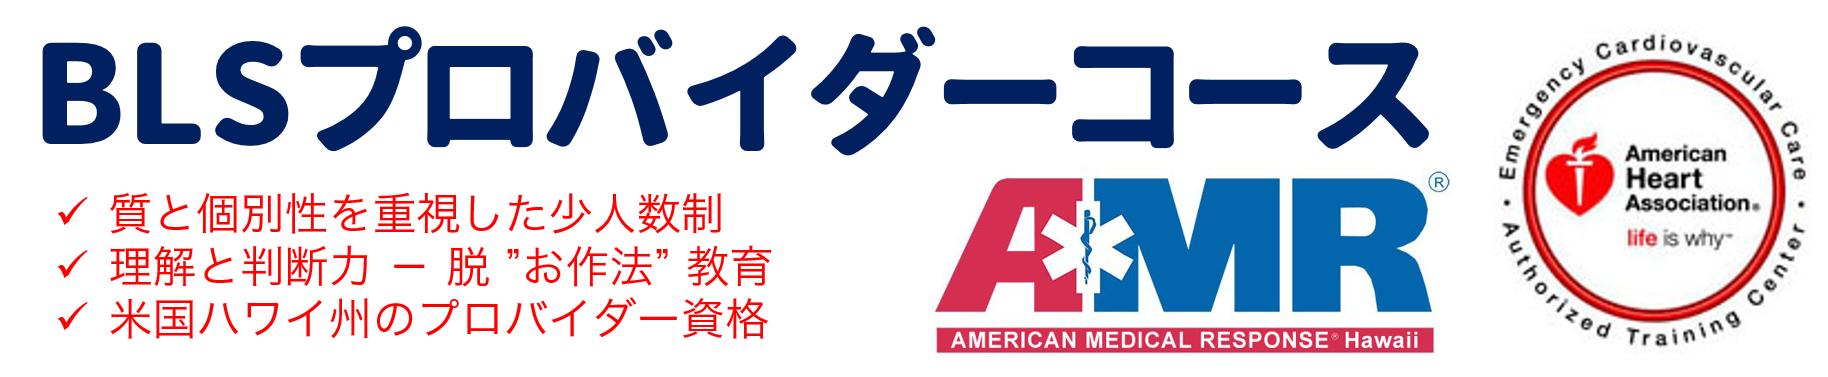 神奈川県横浜市でAHA-BLSプロバイダーコースを開催。ハワイと同じAHA-BLS講習を日本で受講、資格取得